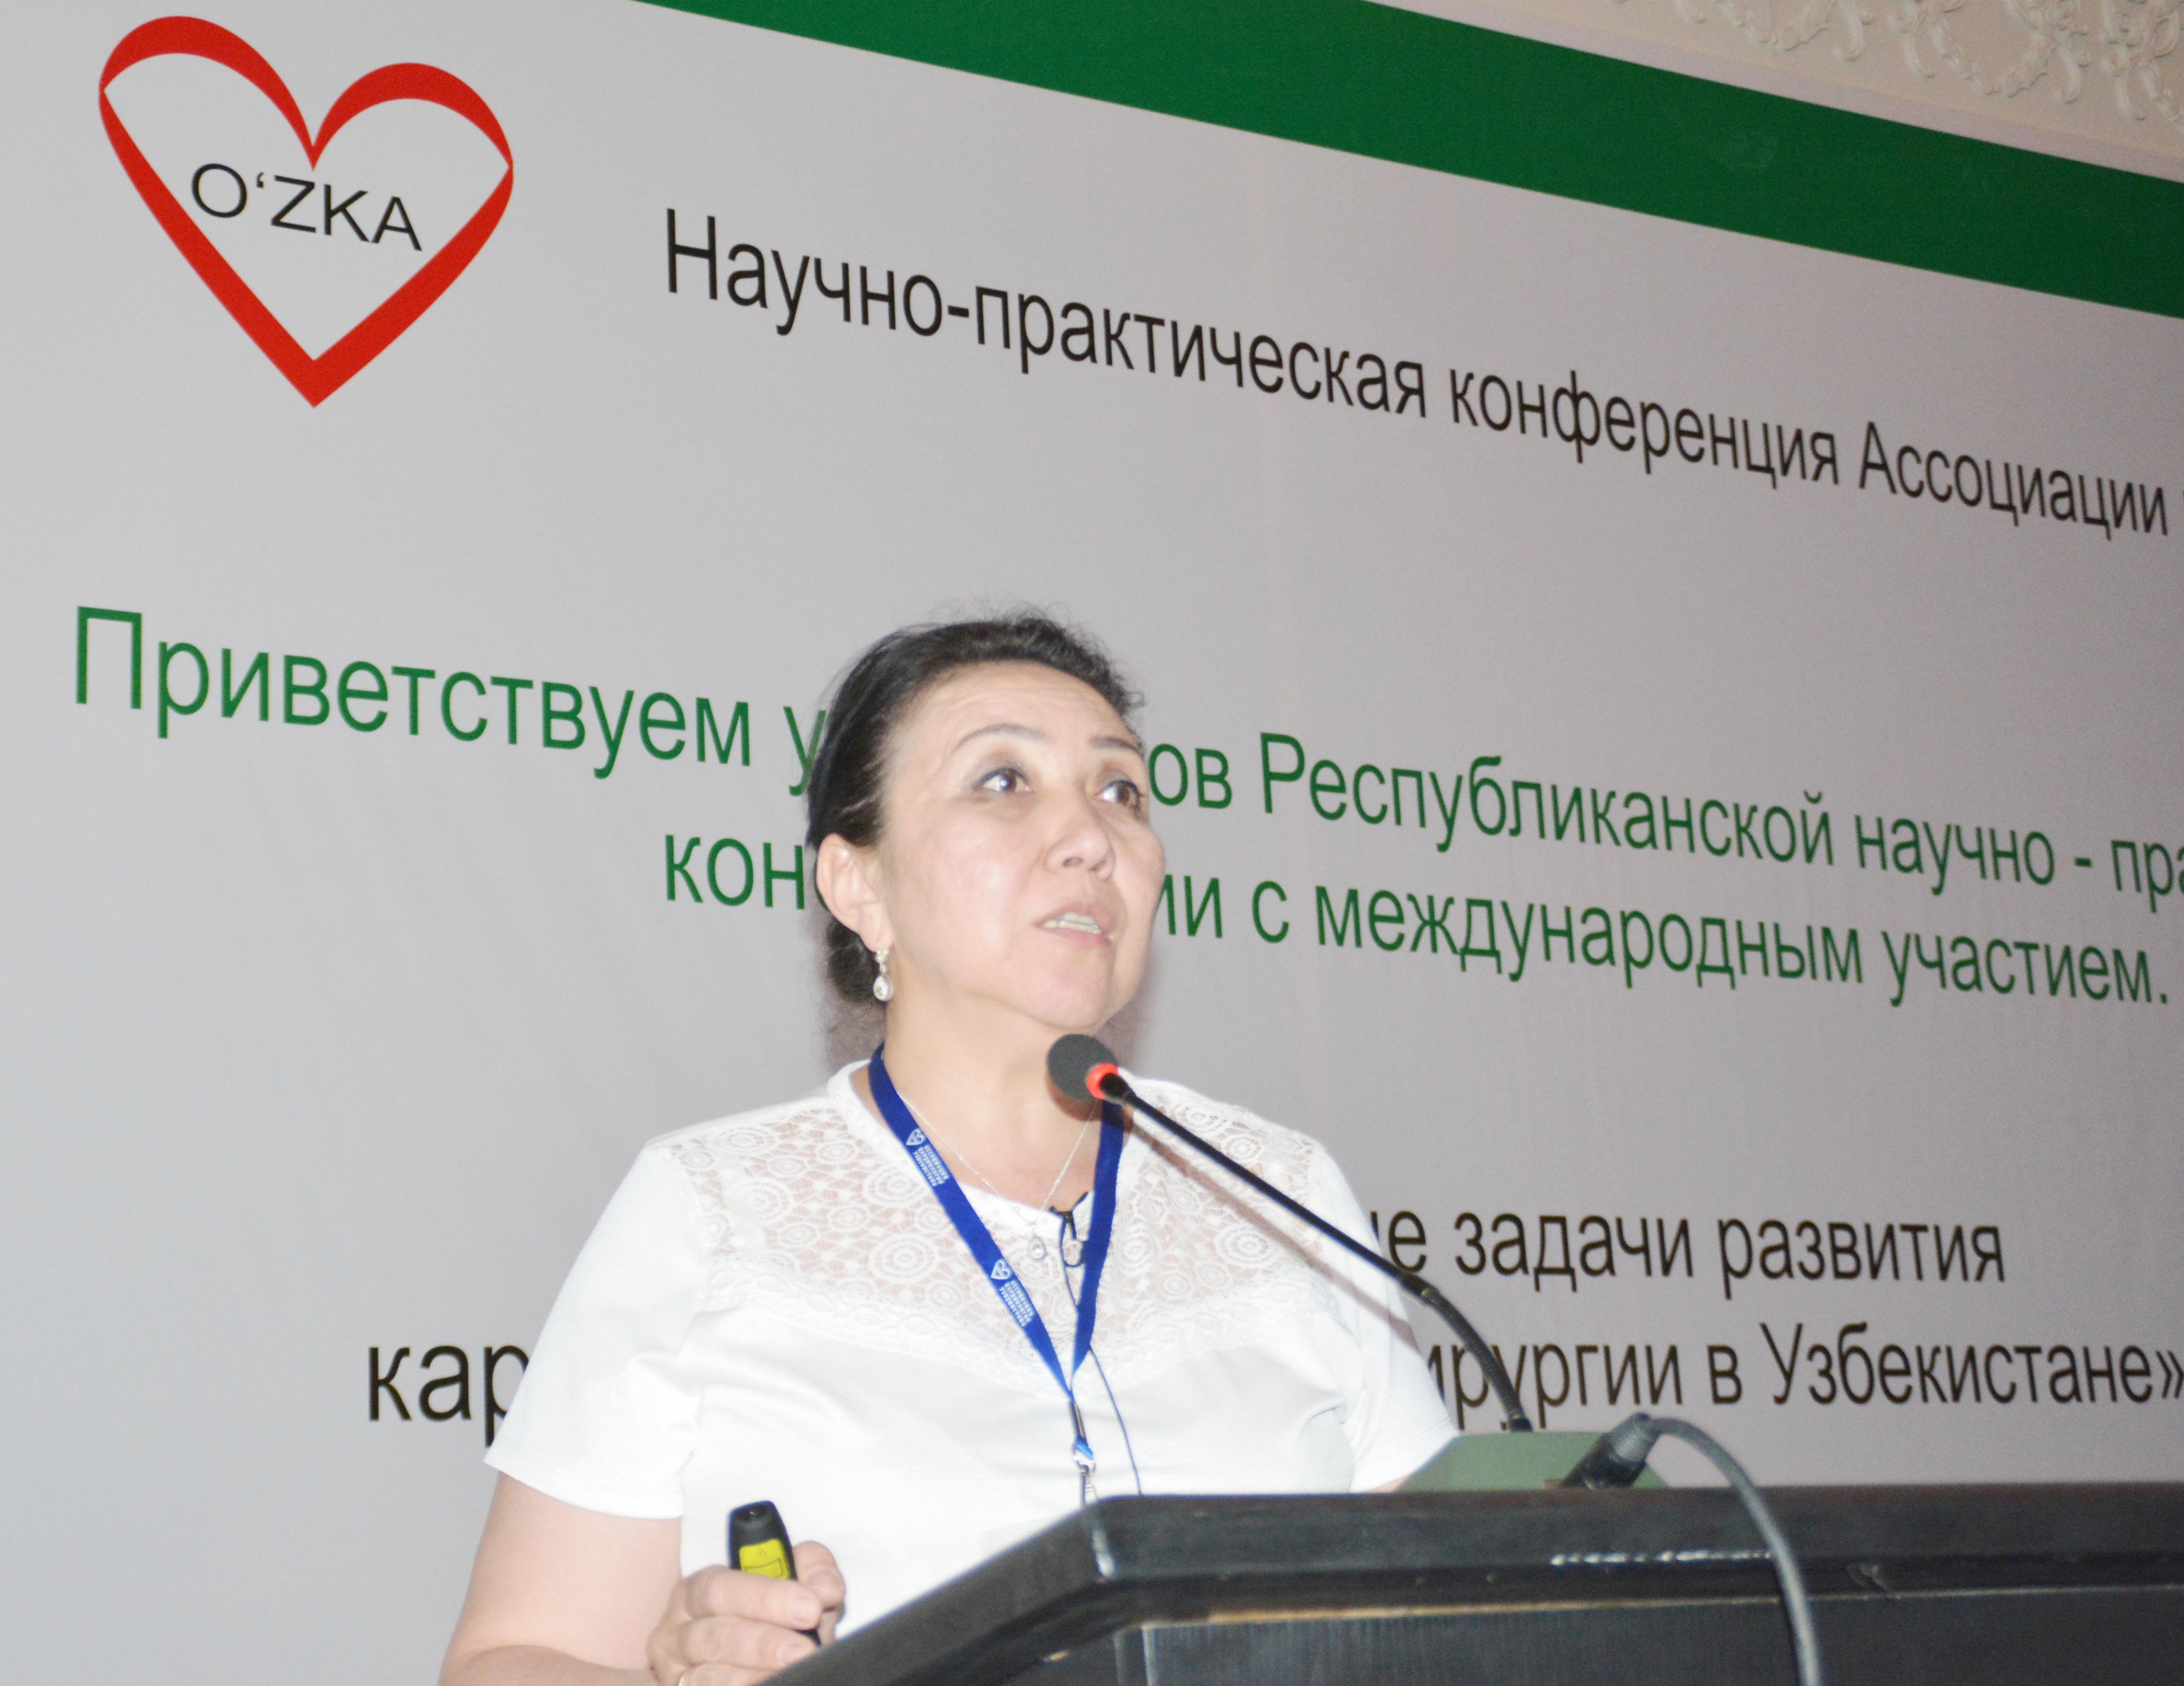 http://medicalexpress.ru/uploads/reportss/kardio%20askar/DSC_0426.JPG